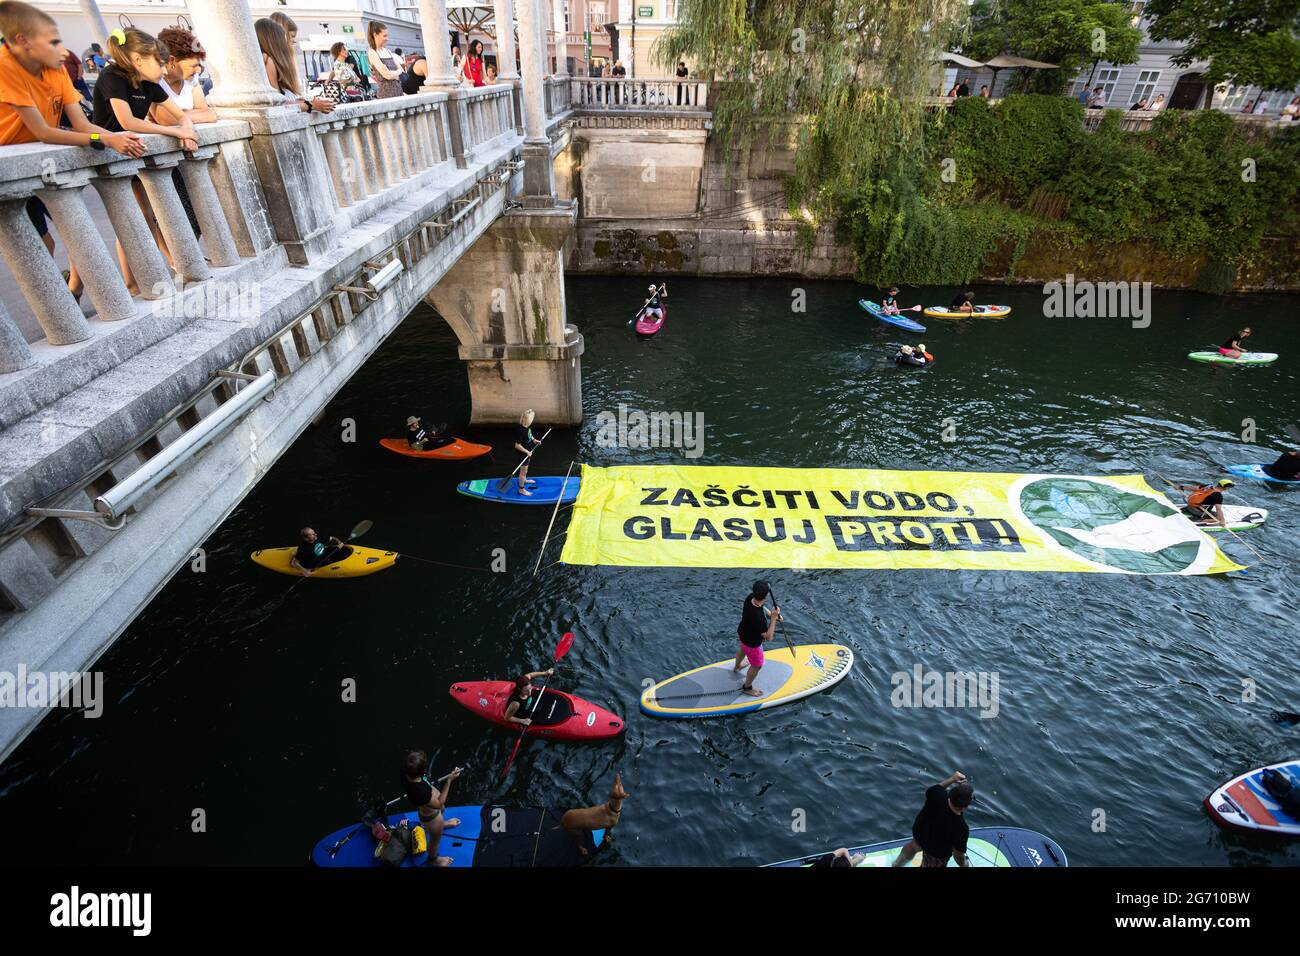 """Ljubljana, Slovénie. 09e juillet 2021. Les manifestants sur des planches à pédales, des kayaks et des canoës sur la rivière Ljubljana tirent une grande bannière qui dit """"protéger l'eau. Votez non ! » Pendant la manifestation, les manifestations antigouvernementales de vendredi contre les modifications proposées par le gouvernement à la loi sur l'eau ont continué d'encourager le public à voter contre la loi lors d'un référendum qui a lieu le 11 juillet. (Photo de Luka Dakskobler/SOPA Images/Sipa USA) crédit: SIPA USA/Alay Live News Banque D'Images"""